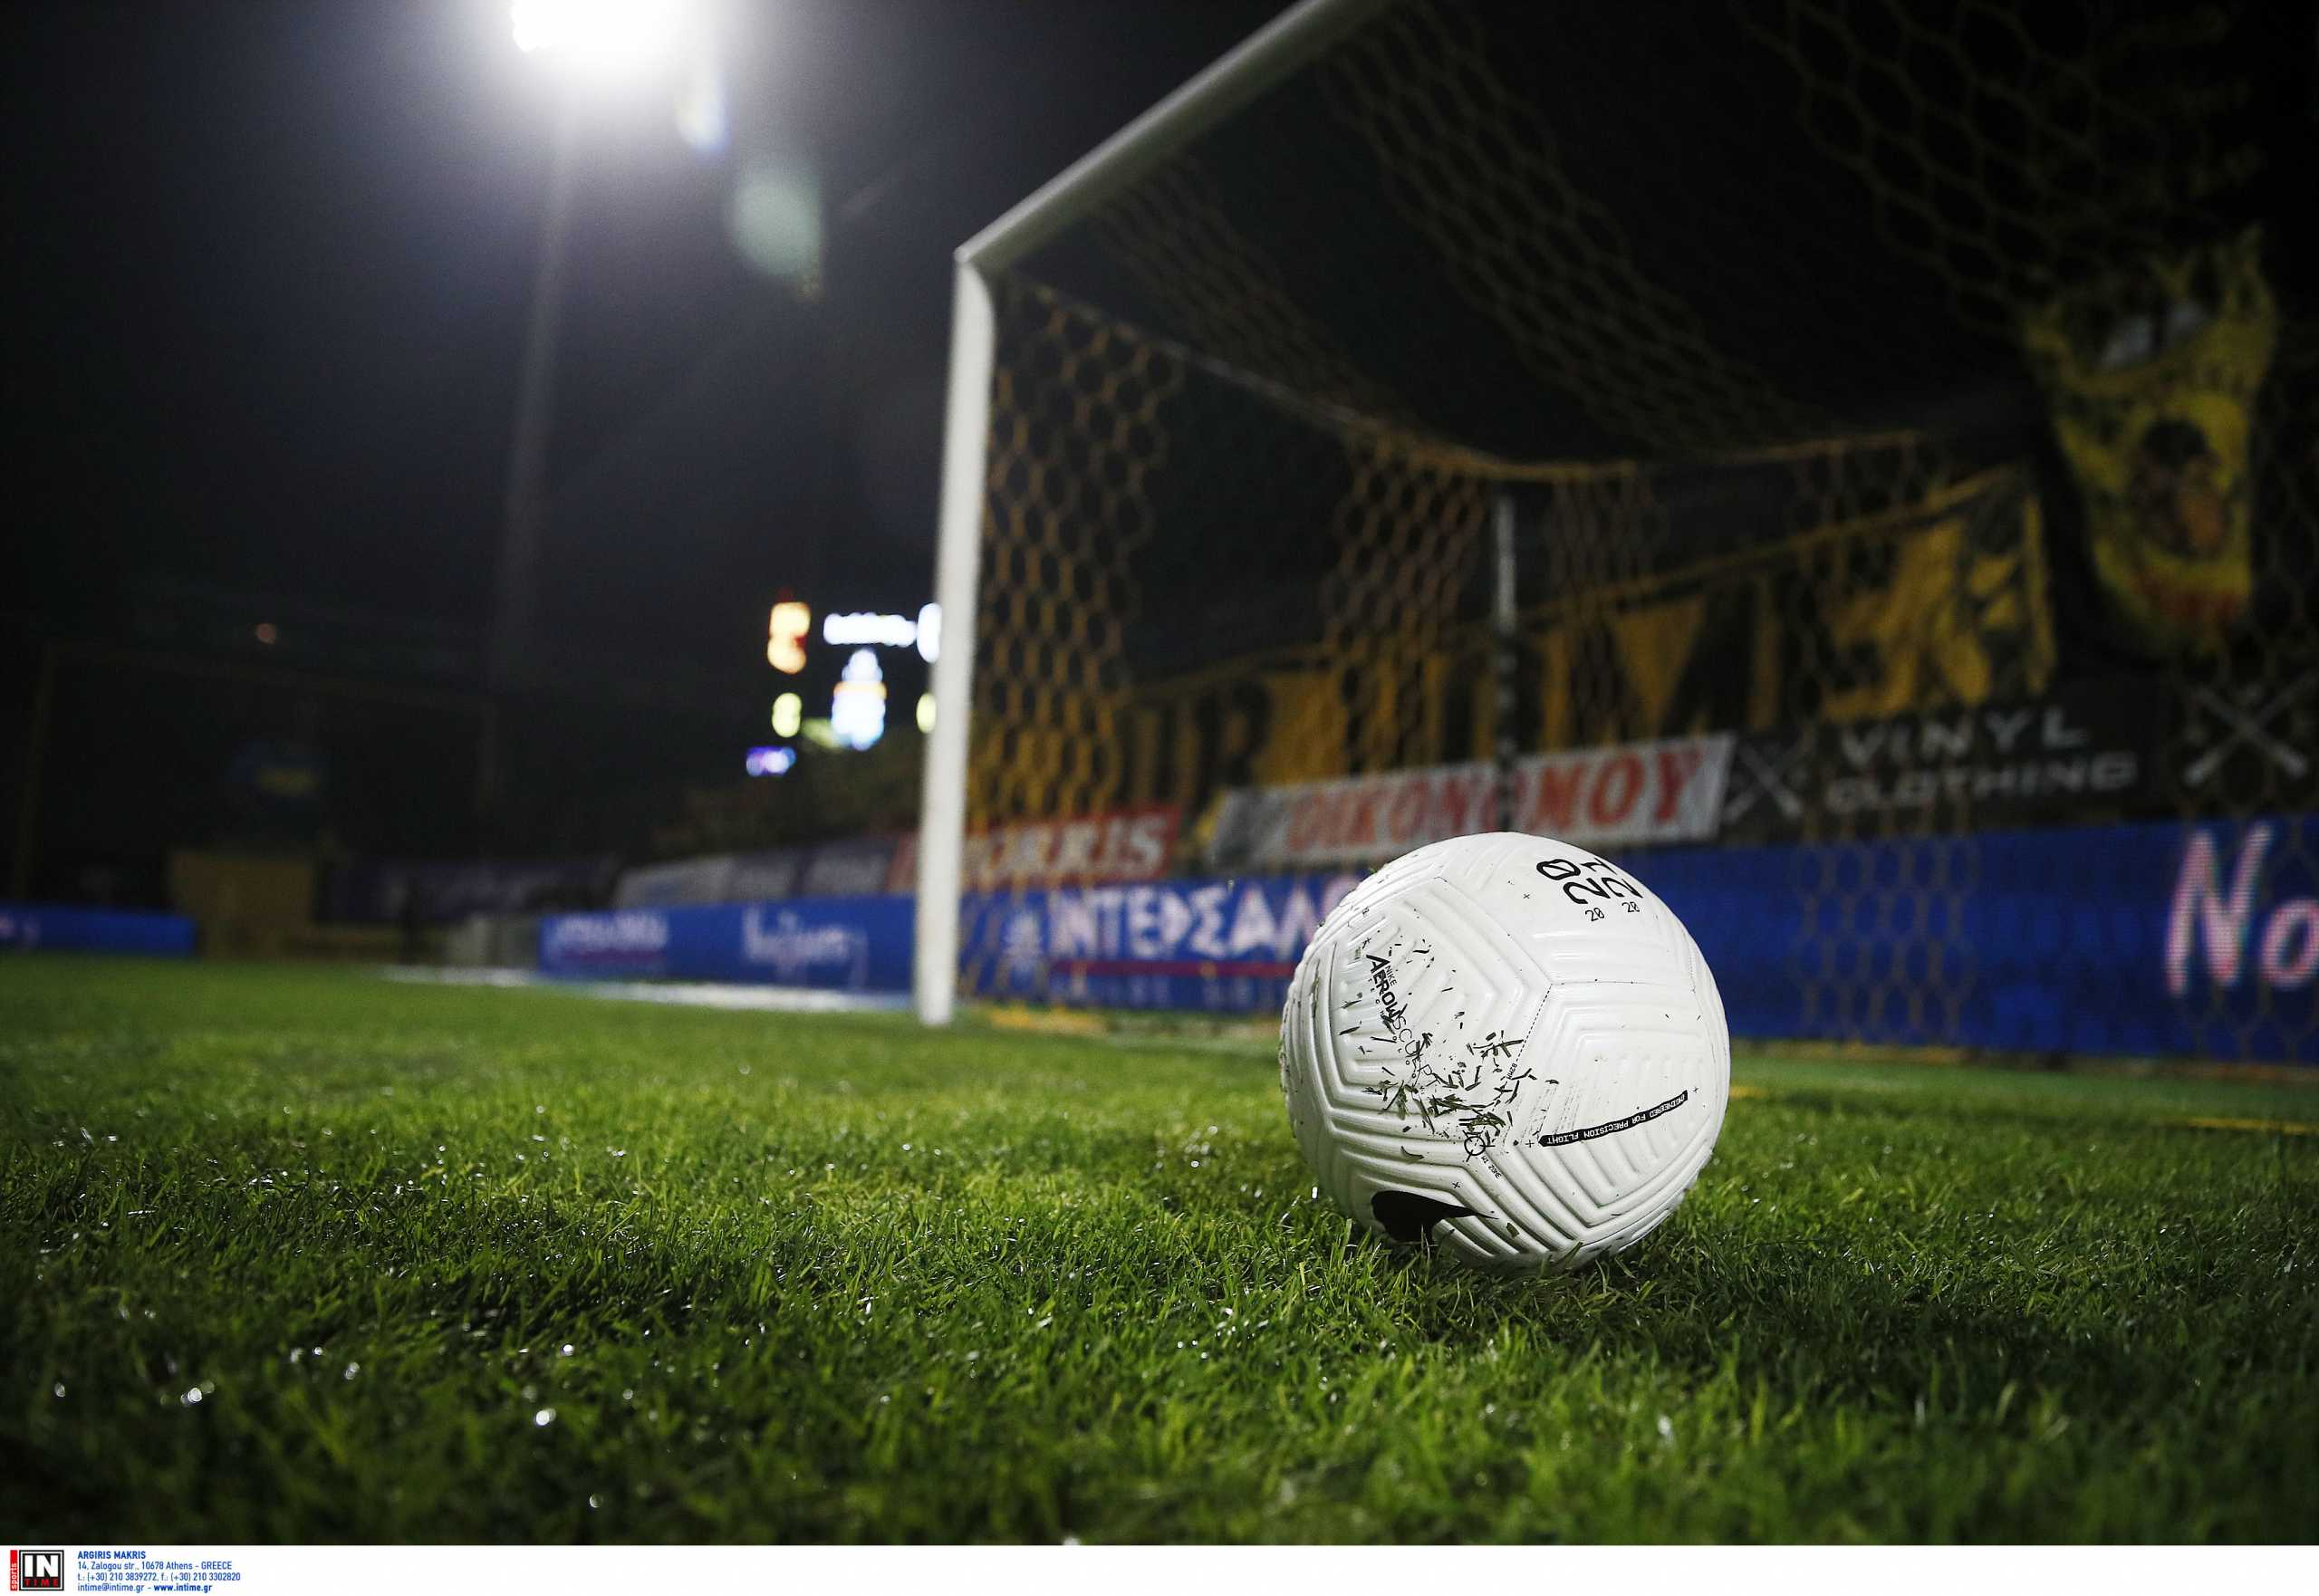 Πρόγραμμα Superleague: Ξεχωρίζει το Παναθηναϊκός – Ολυμπιακός